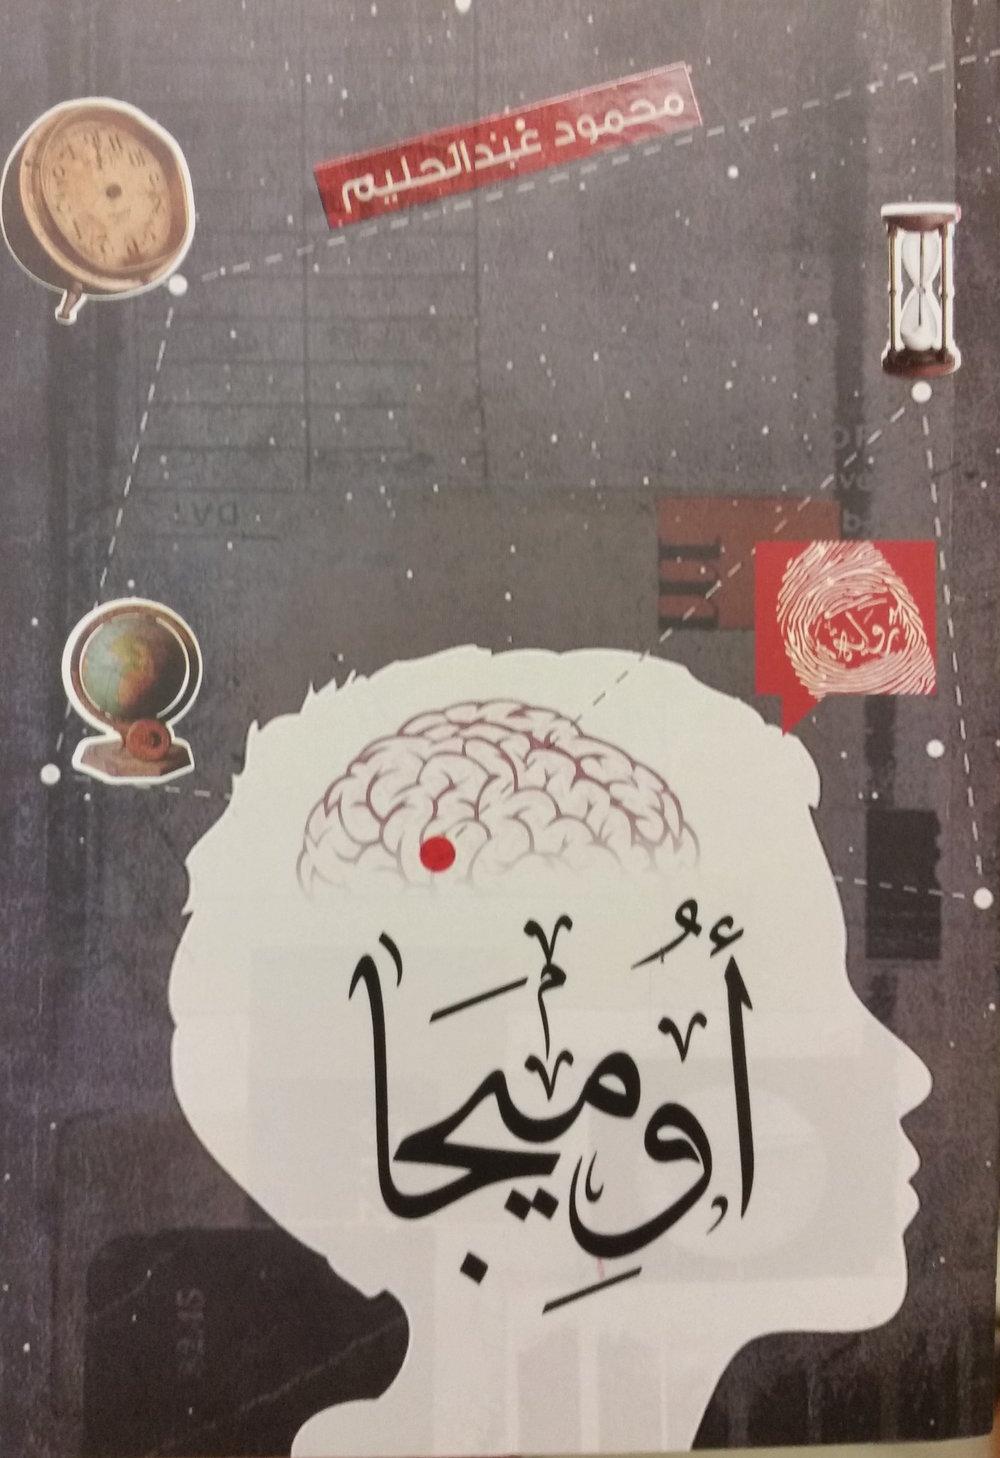 Maḥmūd ʿAbd al-Ḥalīm (al-Qāhirah : Baṣmah li-l-Nashr wa-al-Tawzīʻ, 2015).